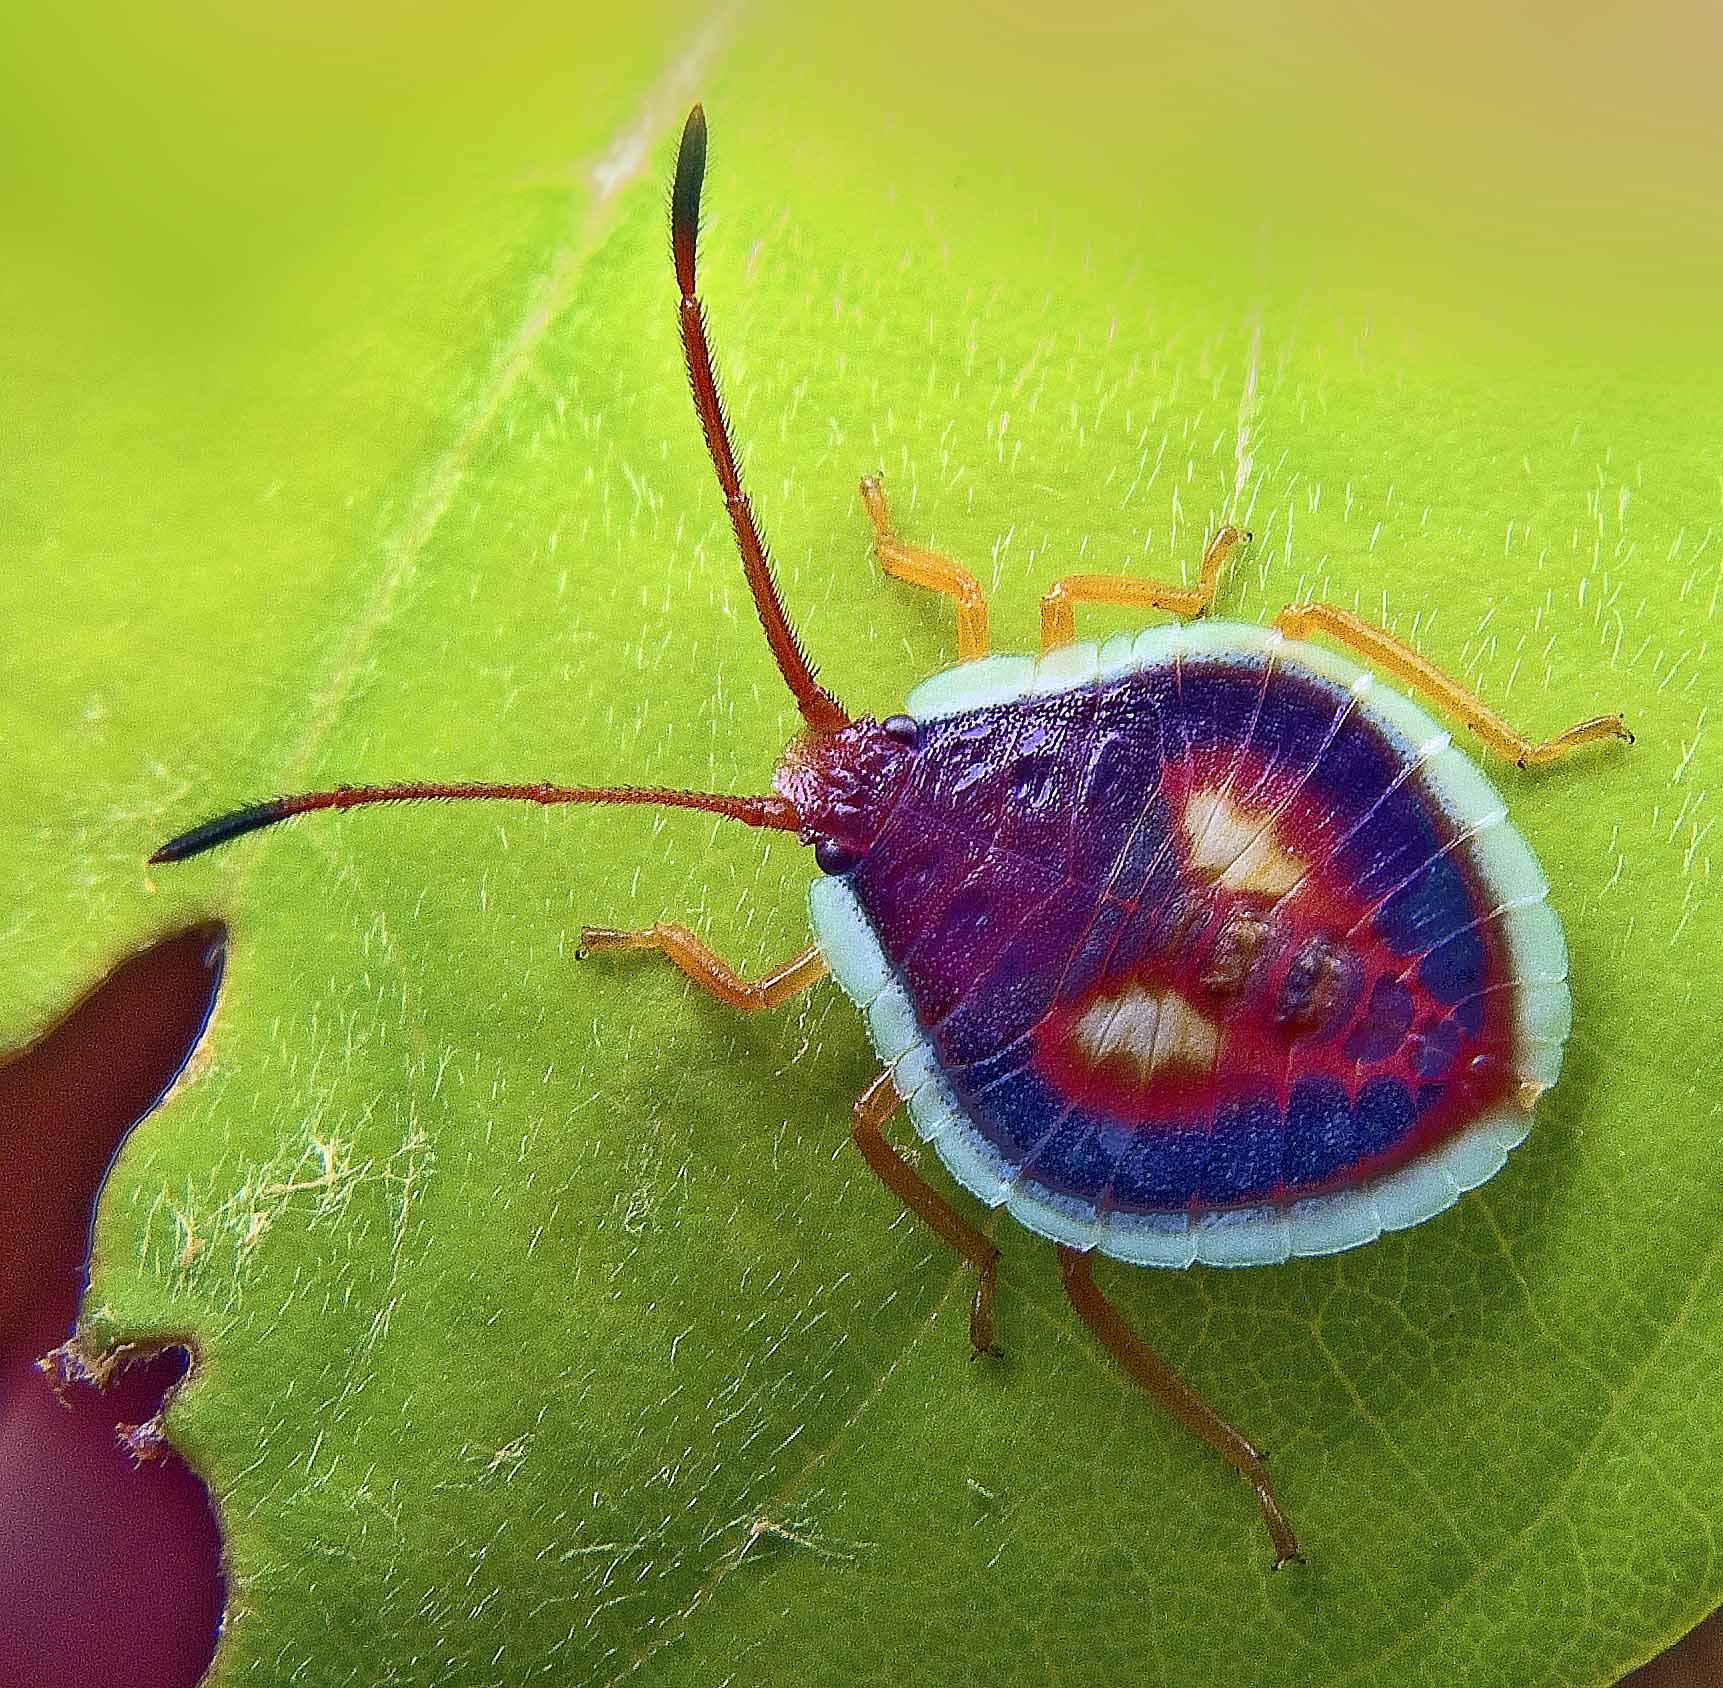 Interesting bug photo